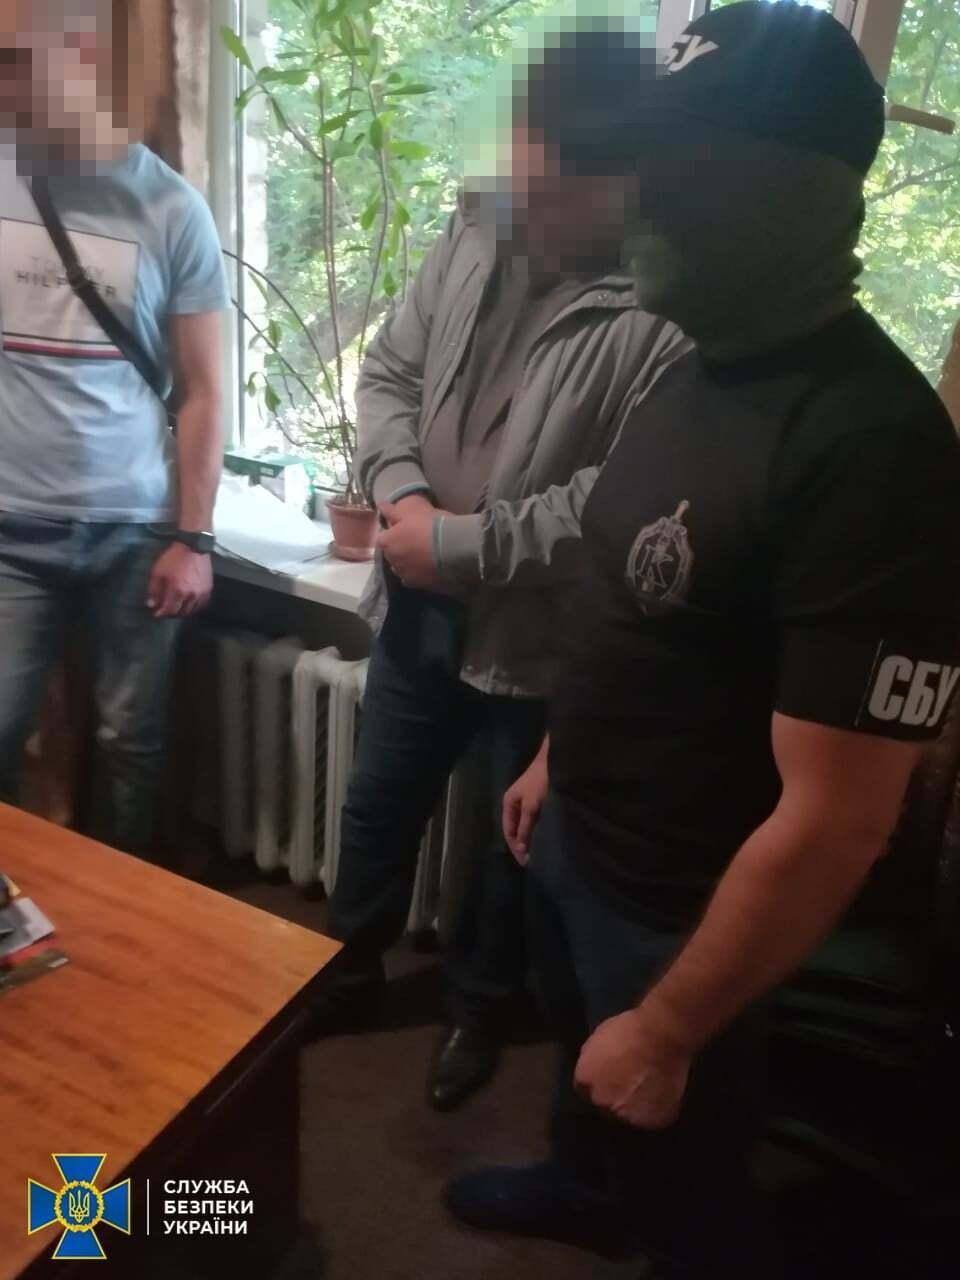 На Дніпропетровщині прокурор, якого спіймали на гарячому, викинув хабар у вікно